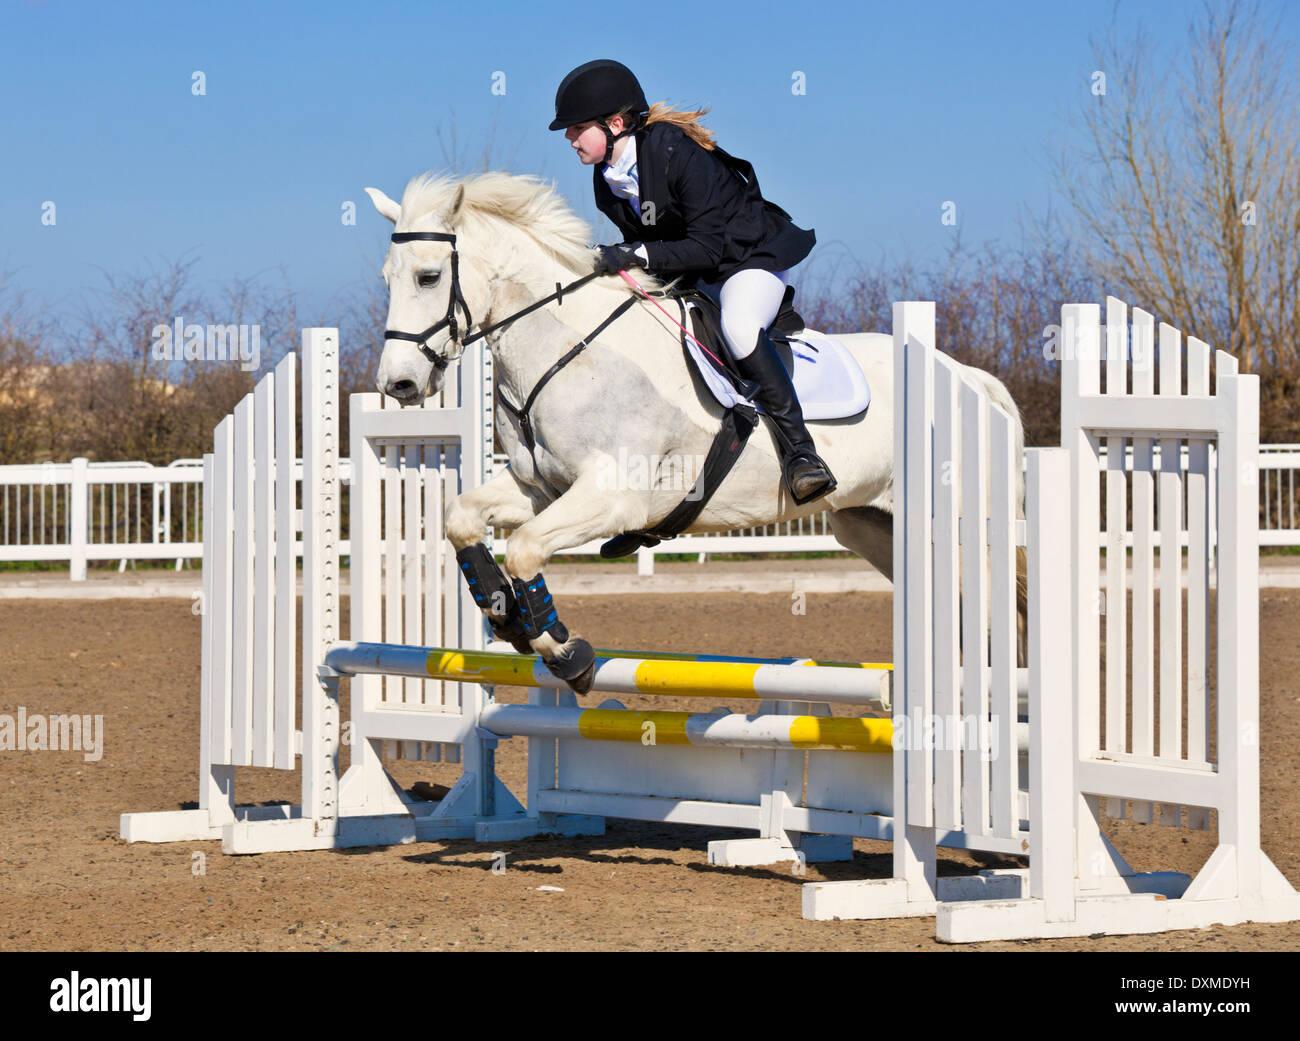 Niña salta un caballo blanco pony en un salto en un evento de concurso hípico Imagen De Stock